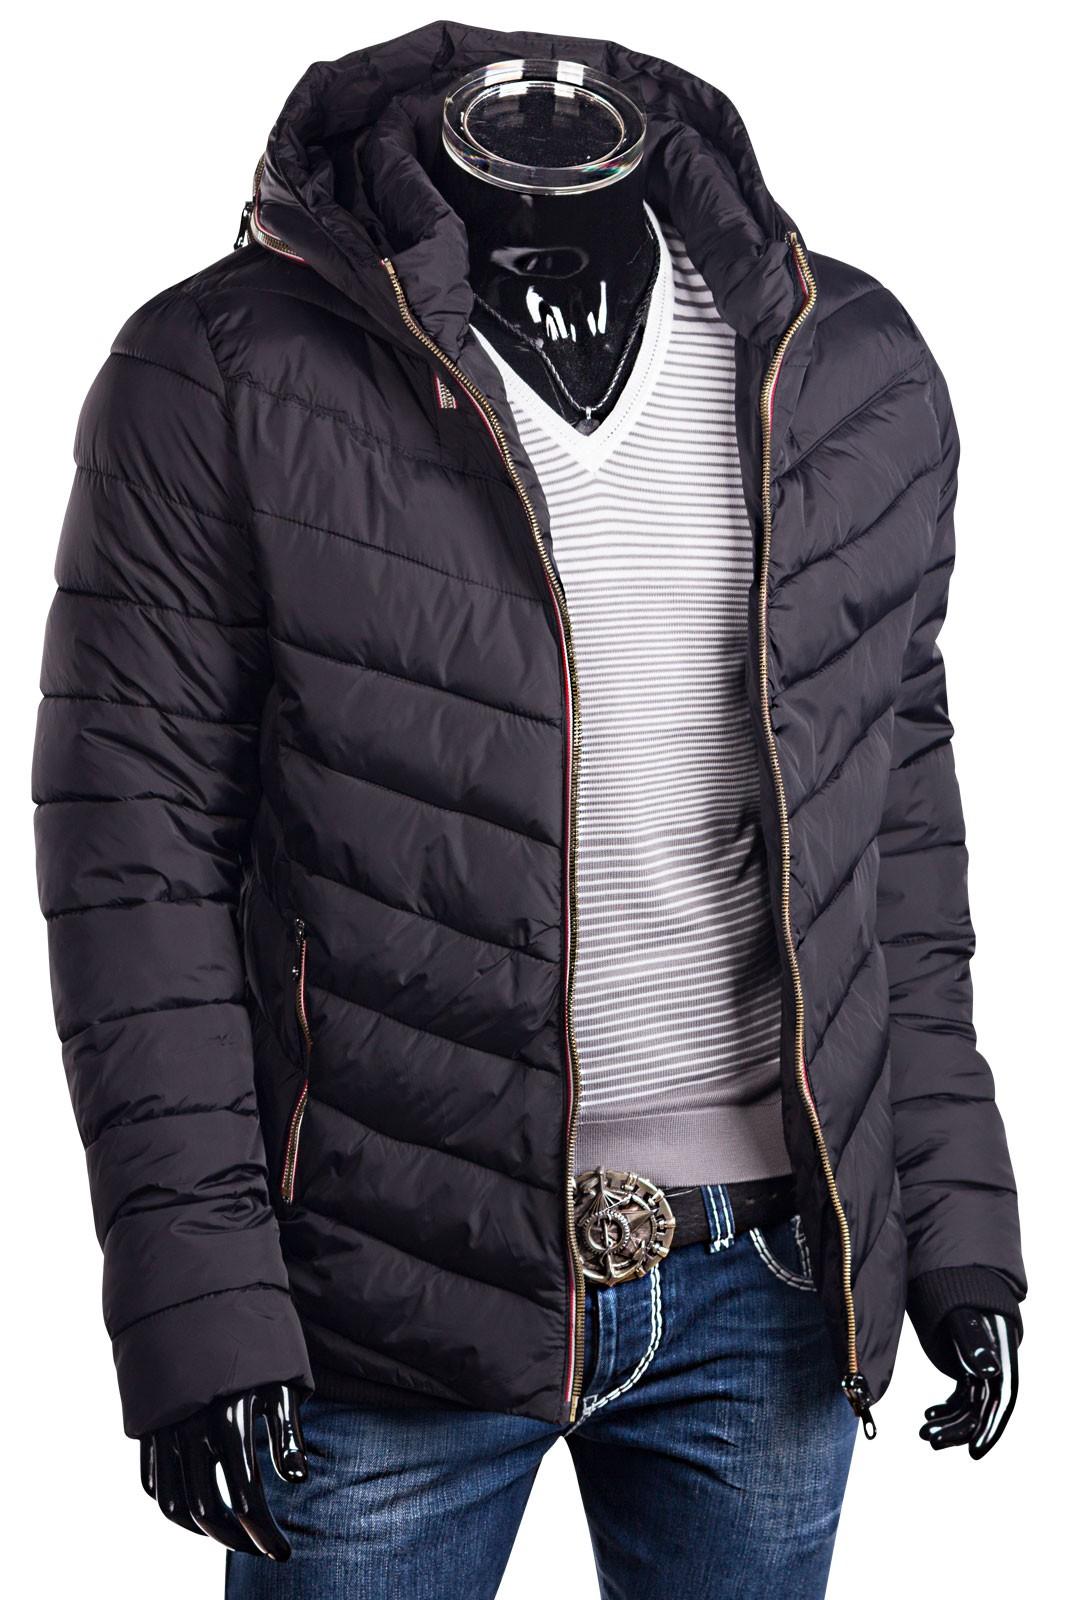 herren winterjacke steppjacke mit kapuze daunen look zip parka herren mode jacken. Black Bedroom Furniture Sets. Home Design Ideas